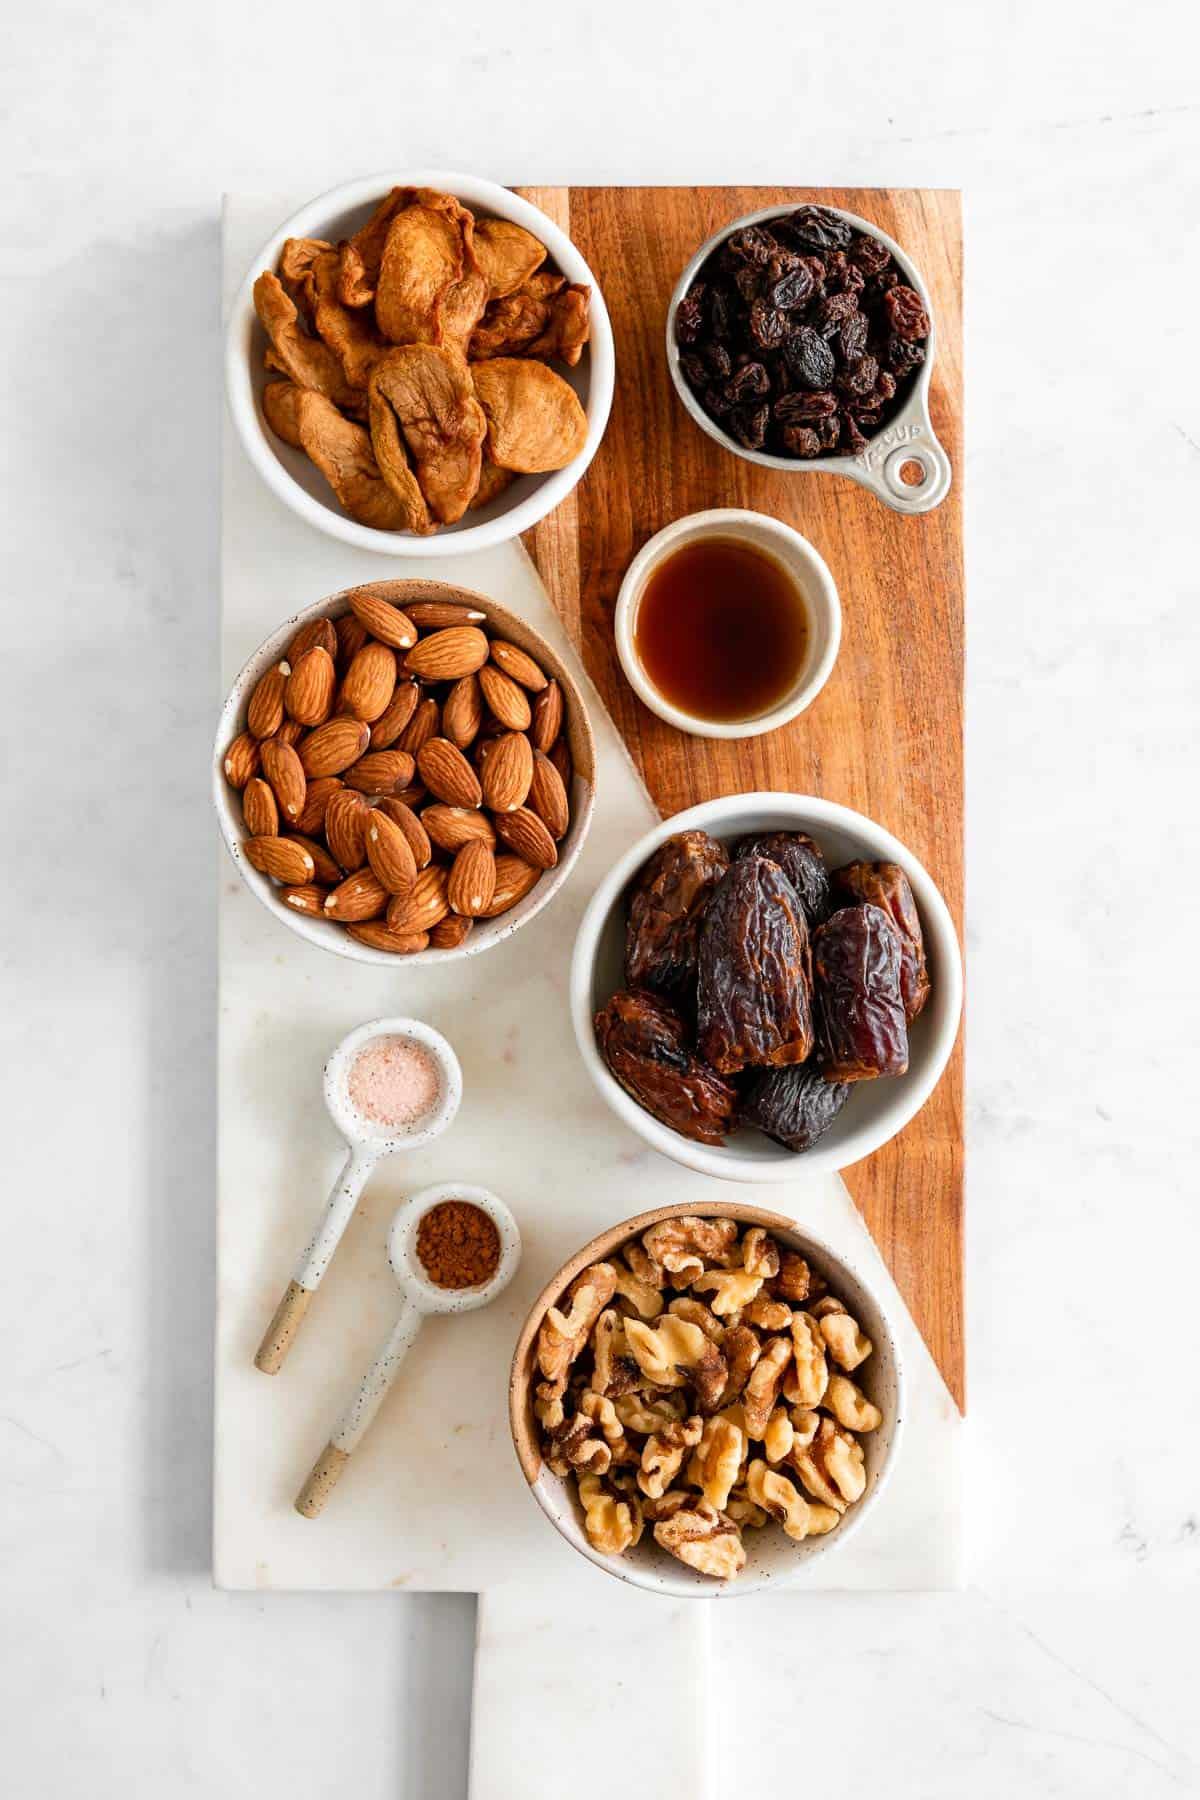 a serving board with bowls of almonds, walnuts, medjool dates, soft dried apples, raisins, cinnamon, vanilla, and salt